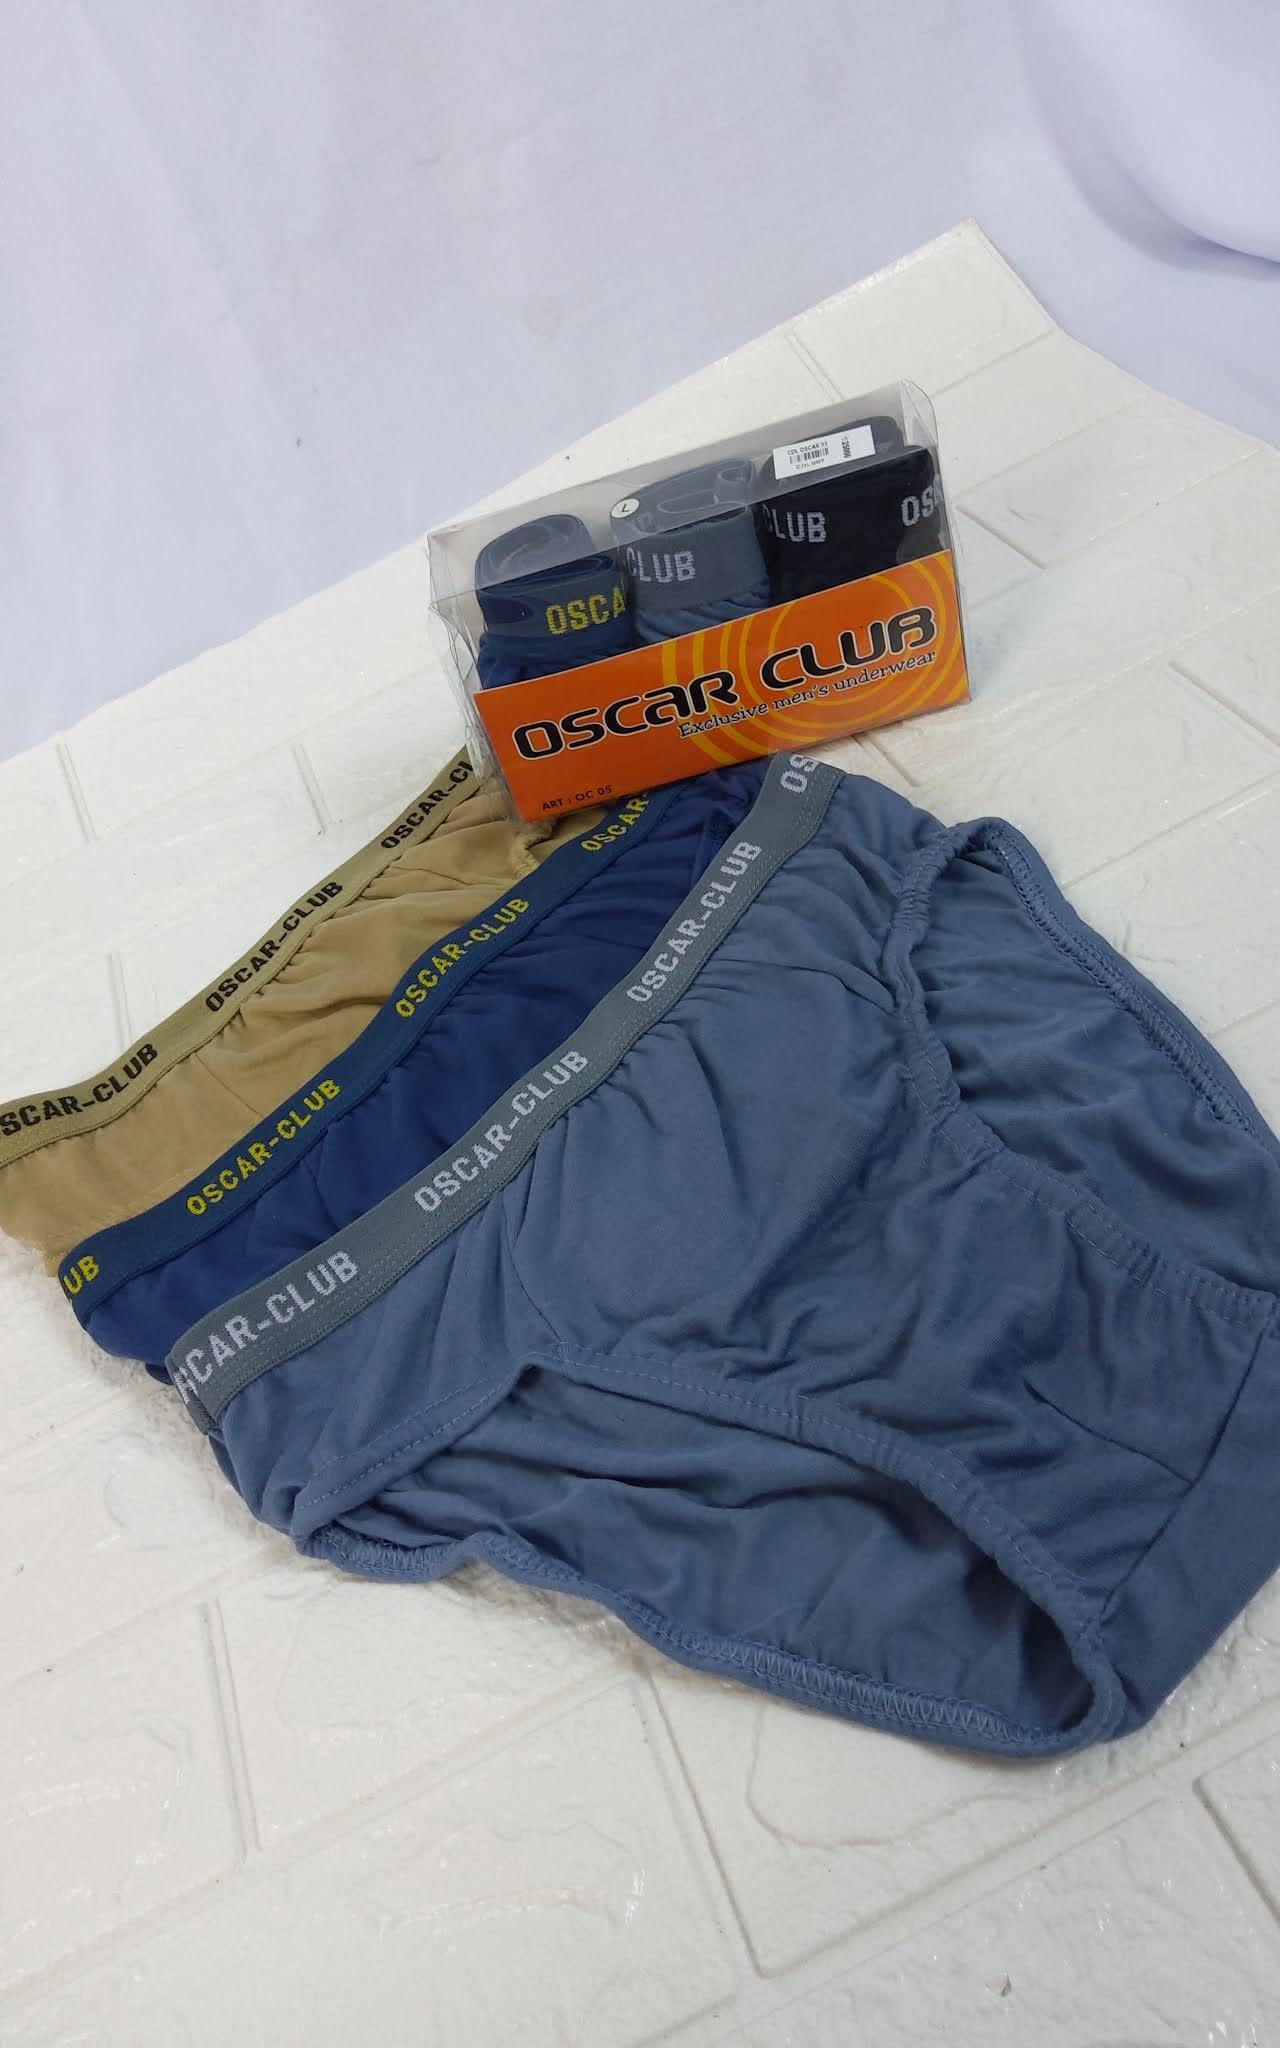 CDL OSCAR OC 05 (1) (CDL007)